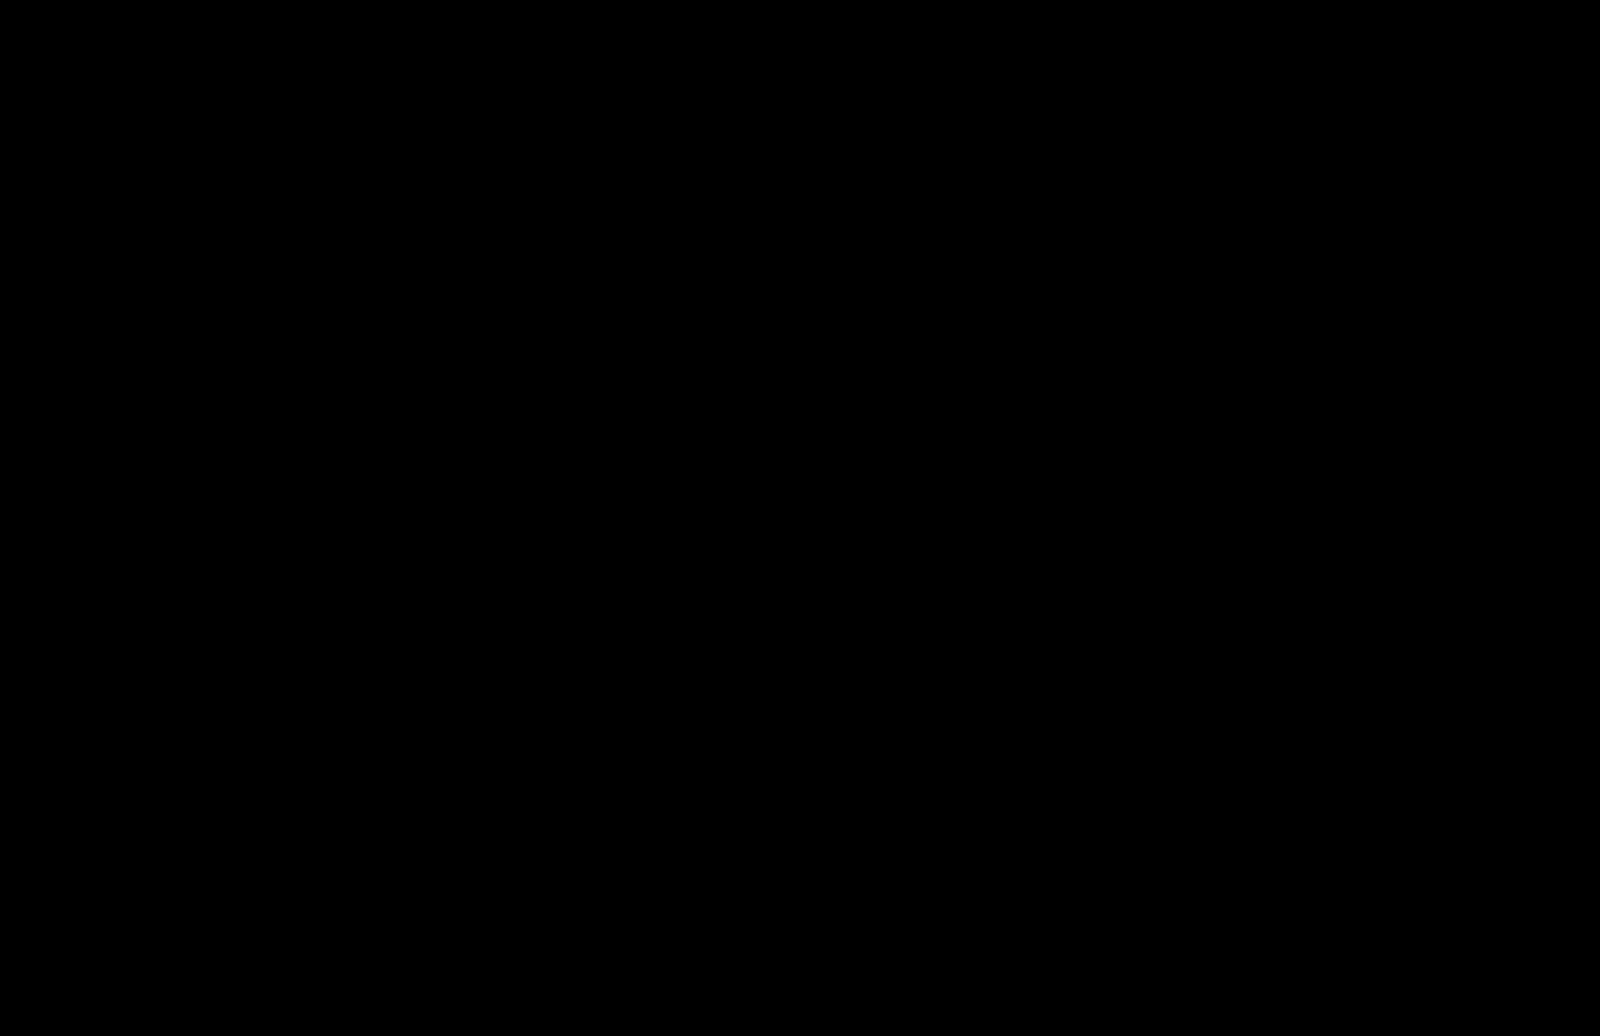 La PVE acompaña a la Plataforma de Burgos en su redefinición